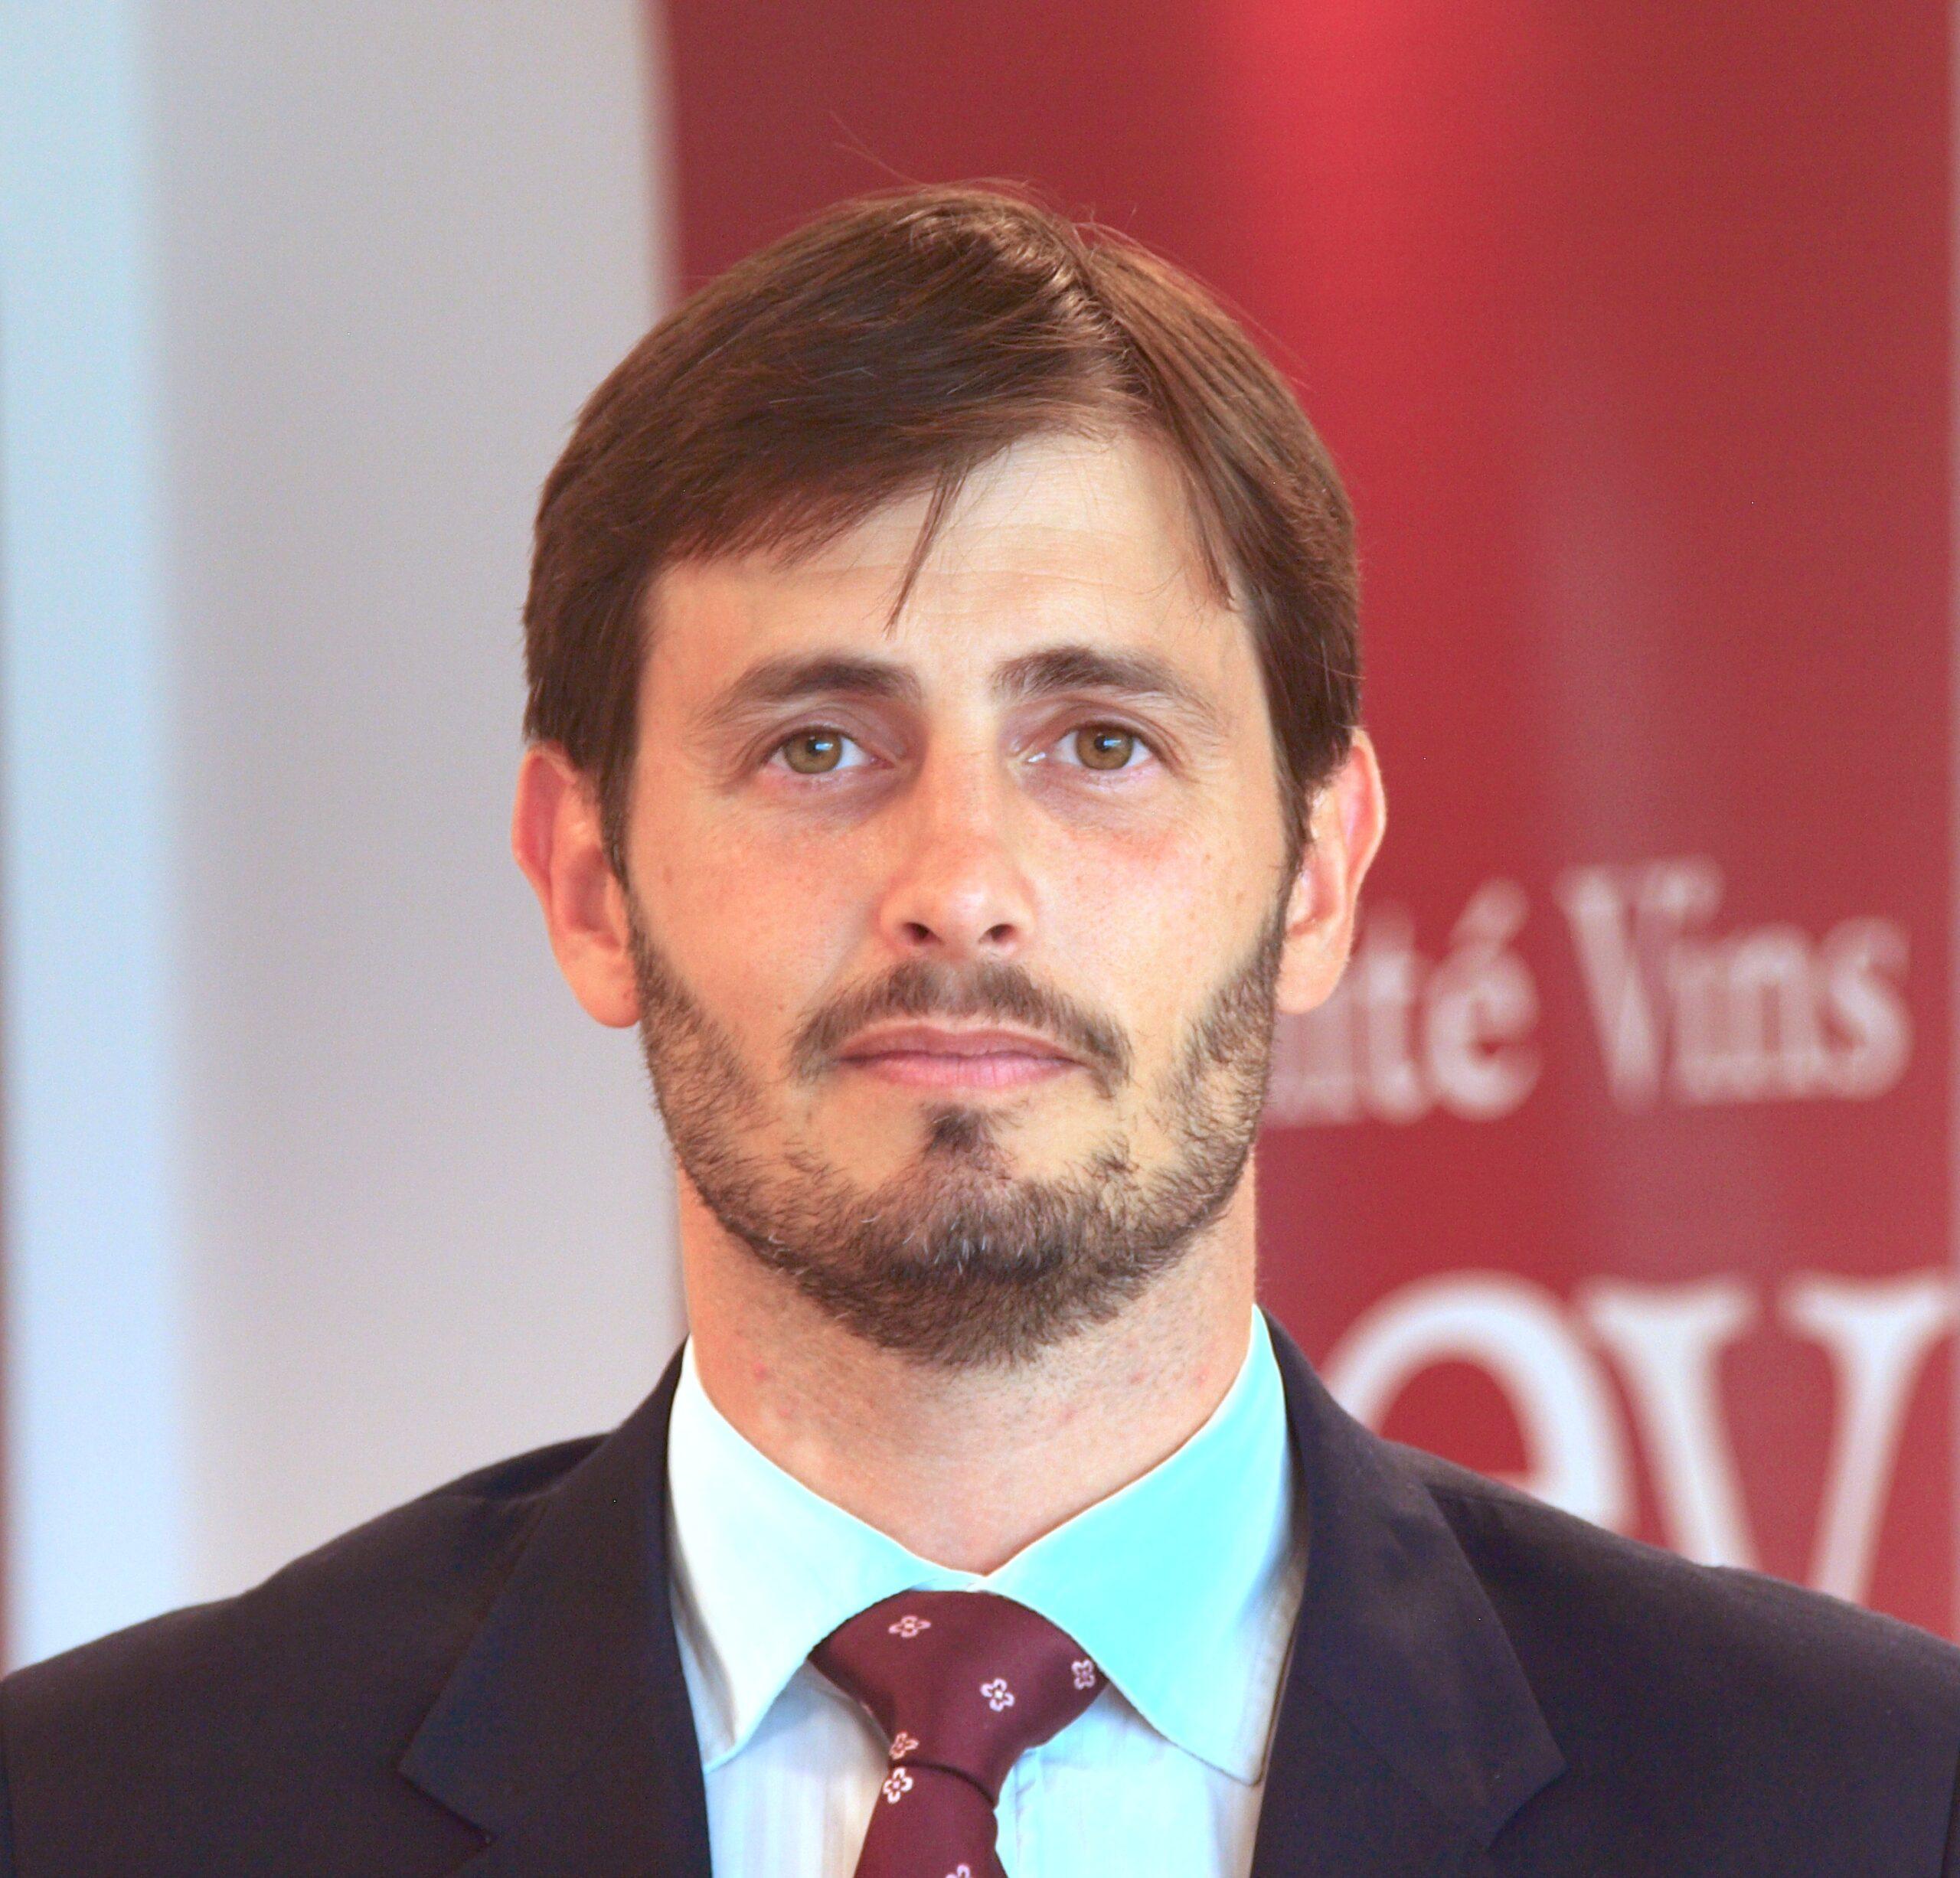 Session 2 Speaker: Ignacio Sánchez Recarte